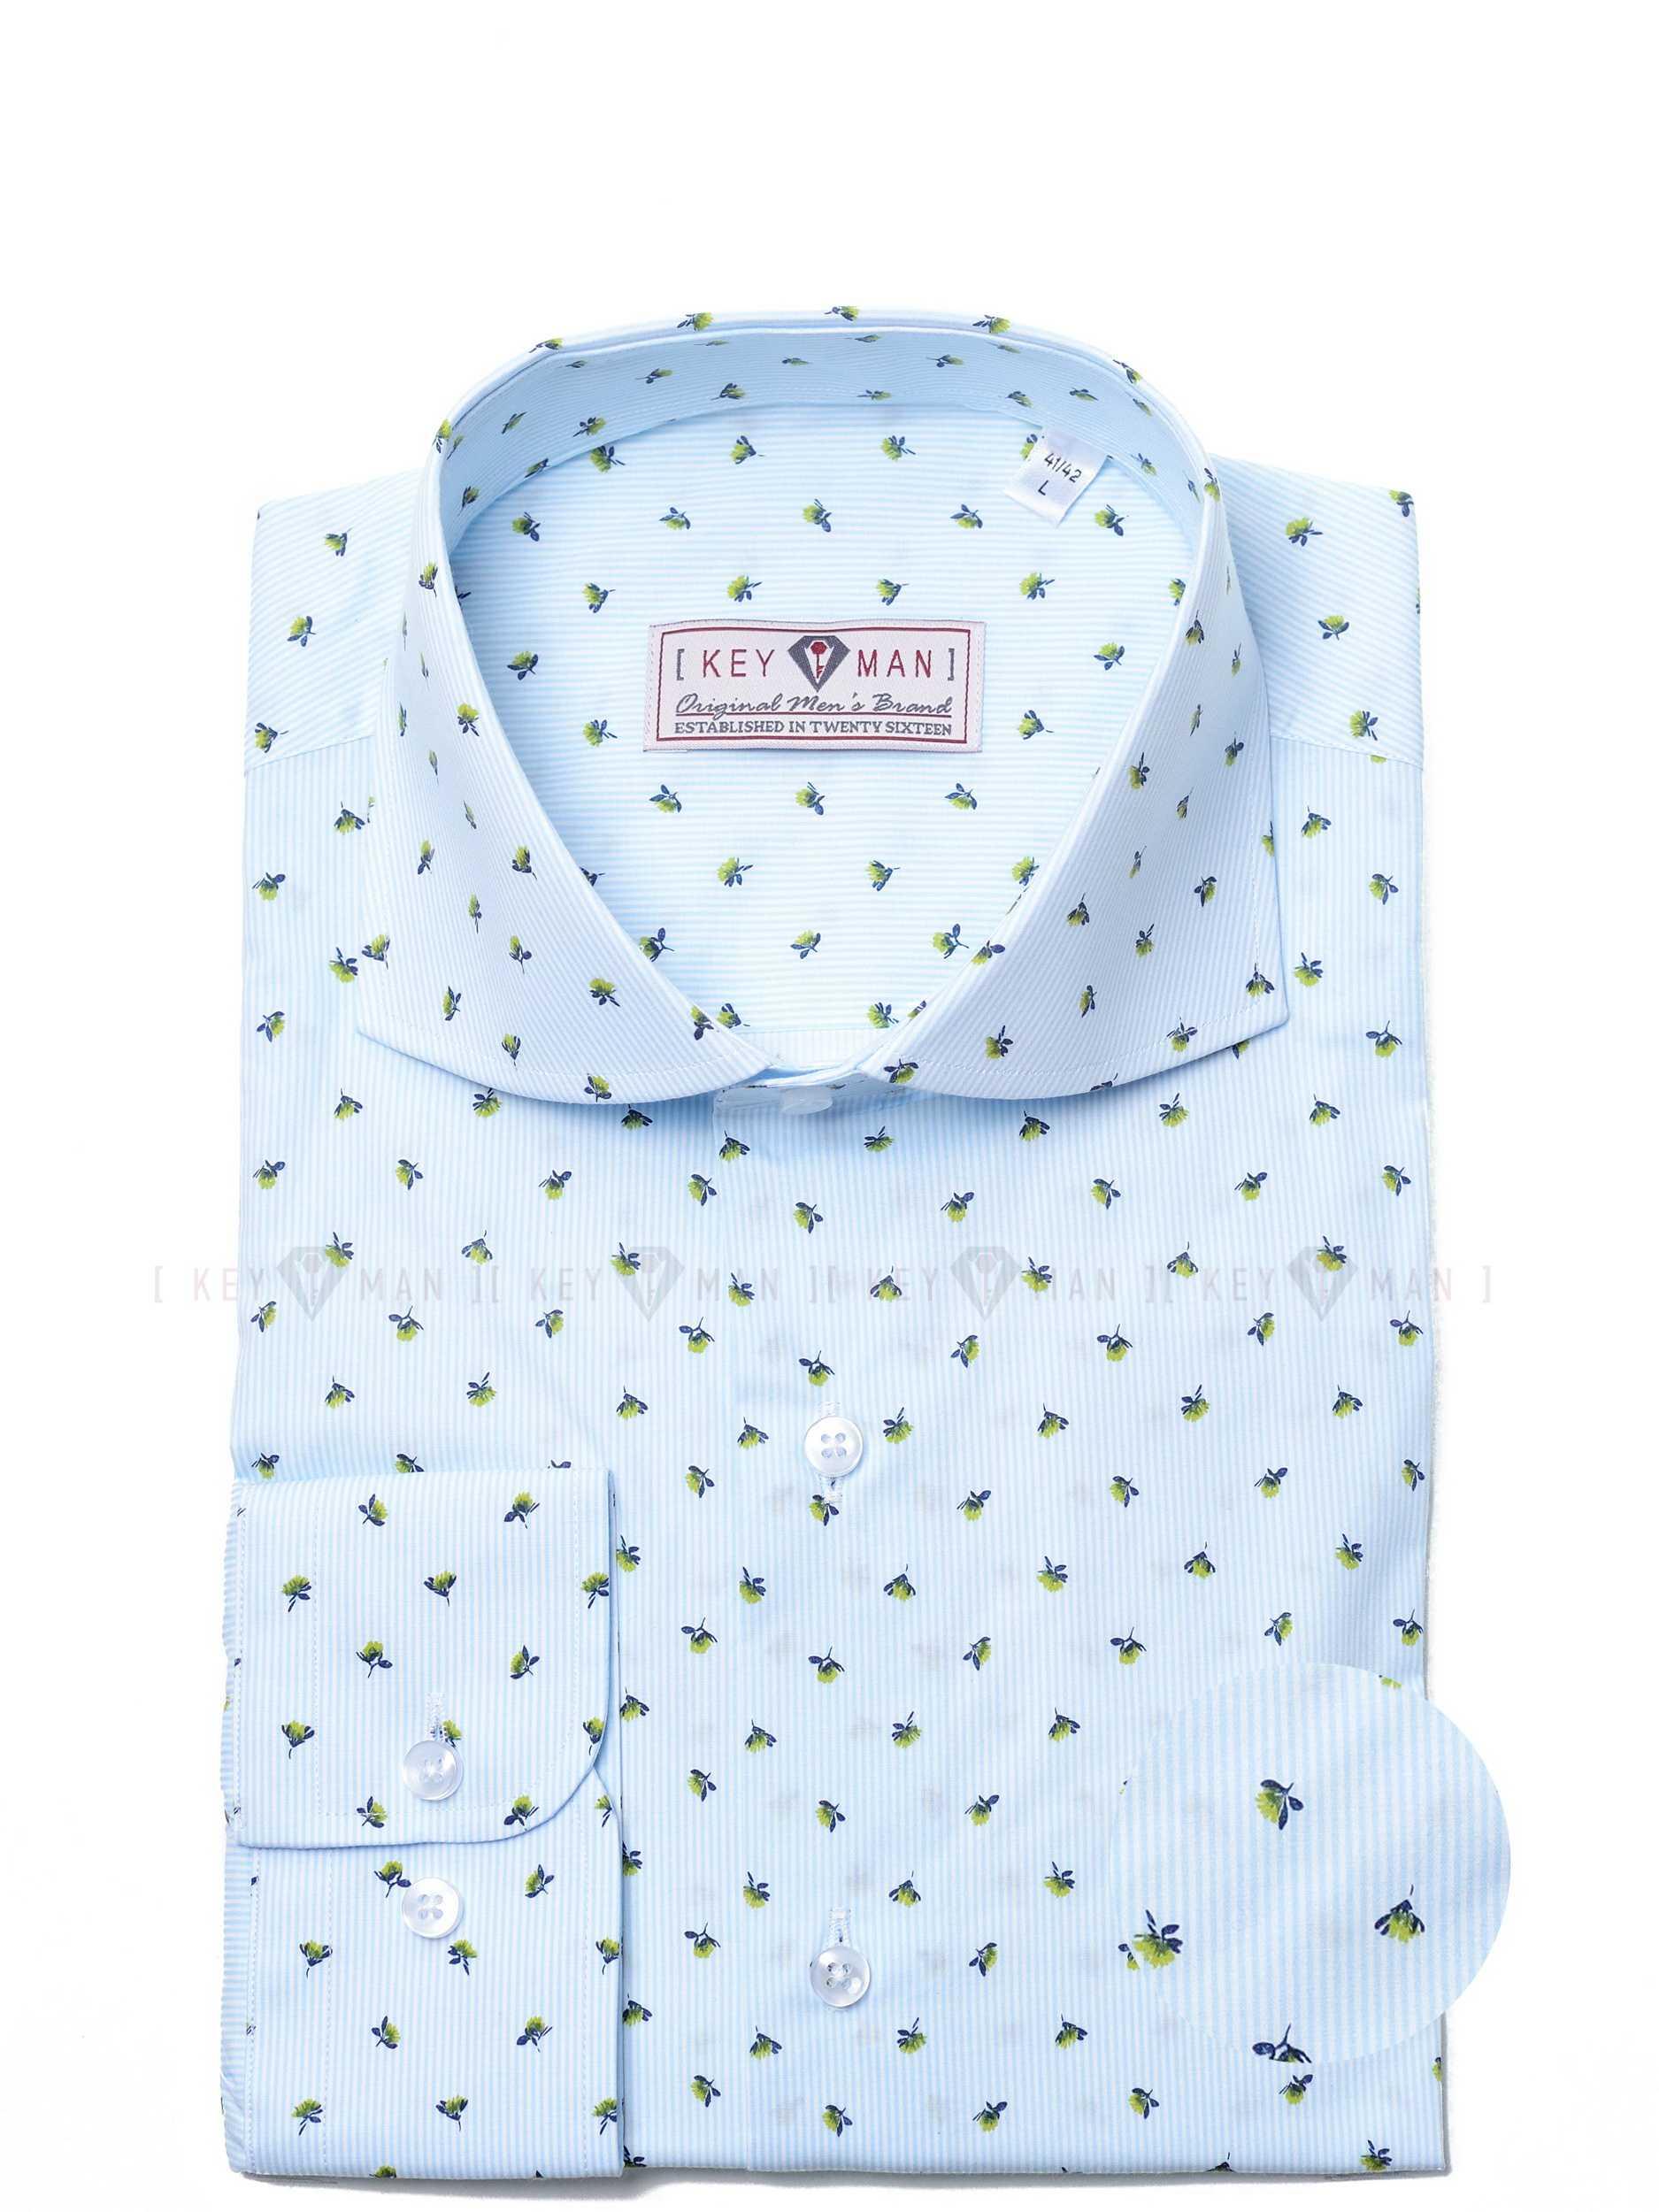 Рубашка мужская белая в мелкую мятную полоску с акульим воротником (рисунок цветы) Curved cutaway collar